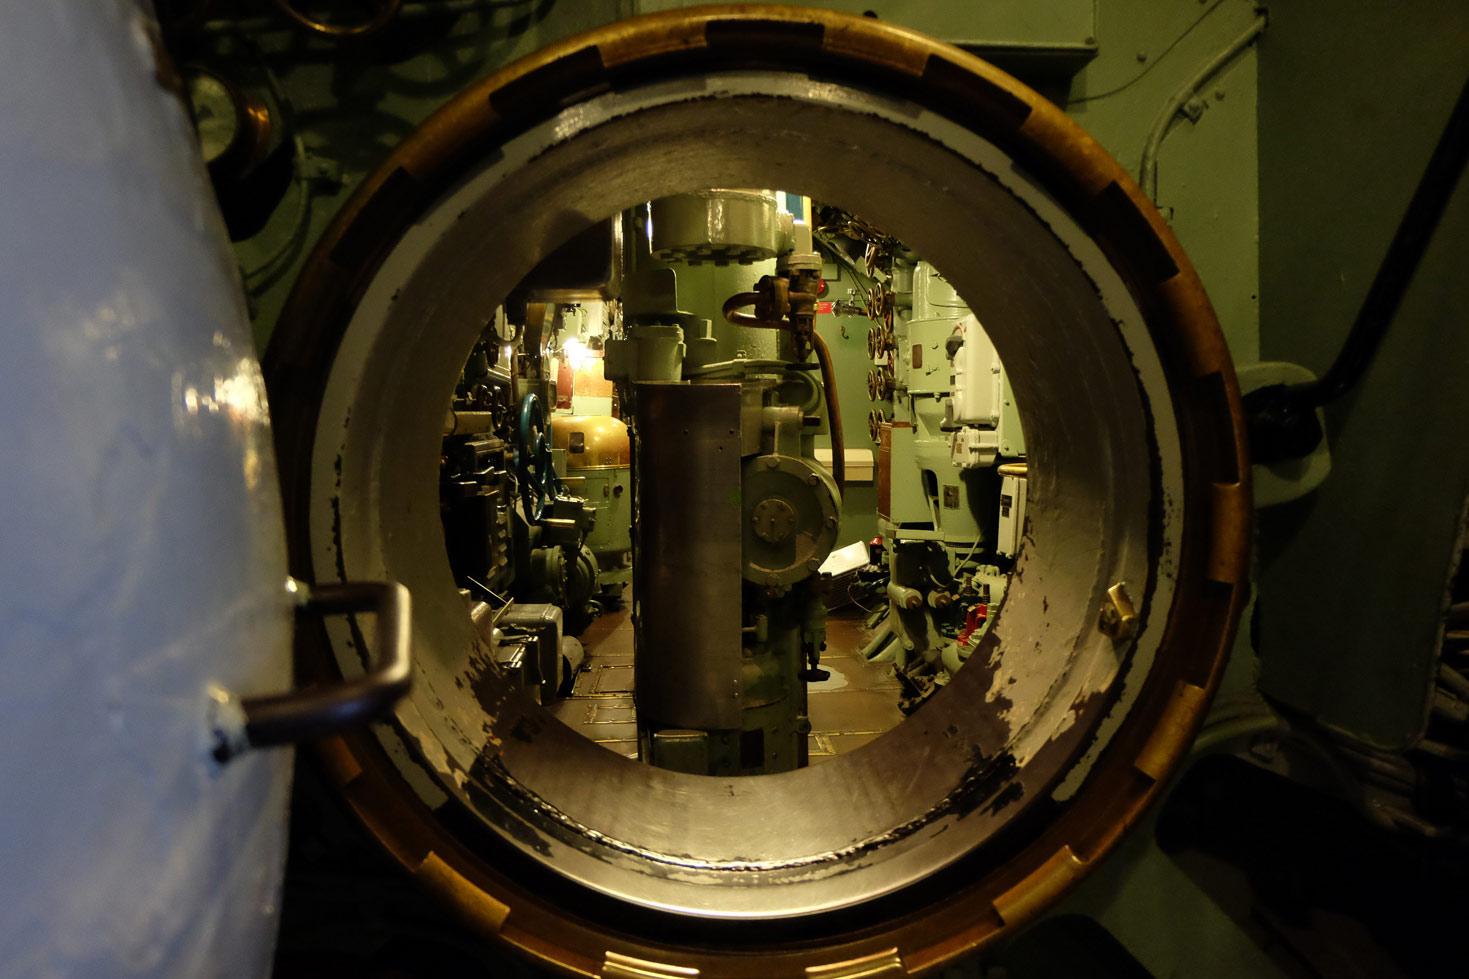 The U3 submarine at Malmö museum